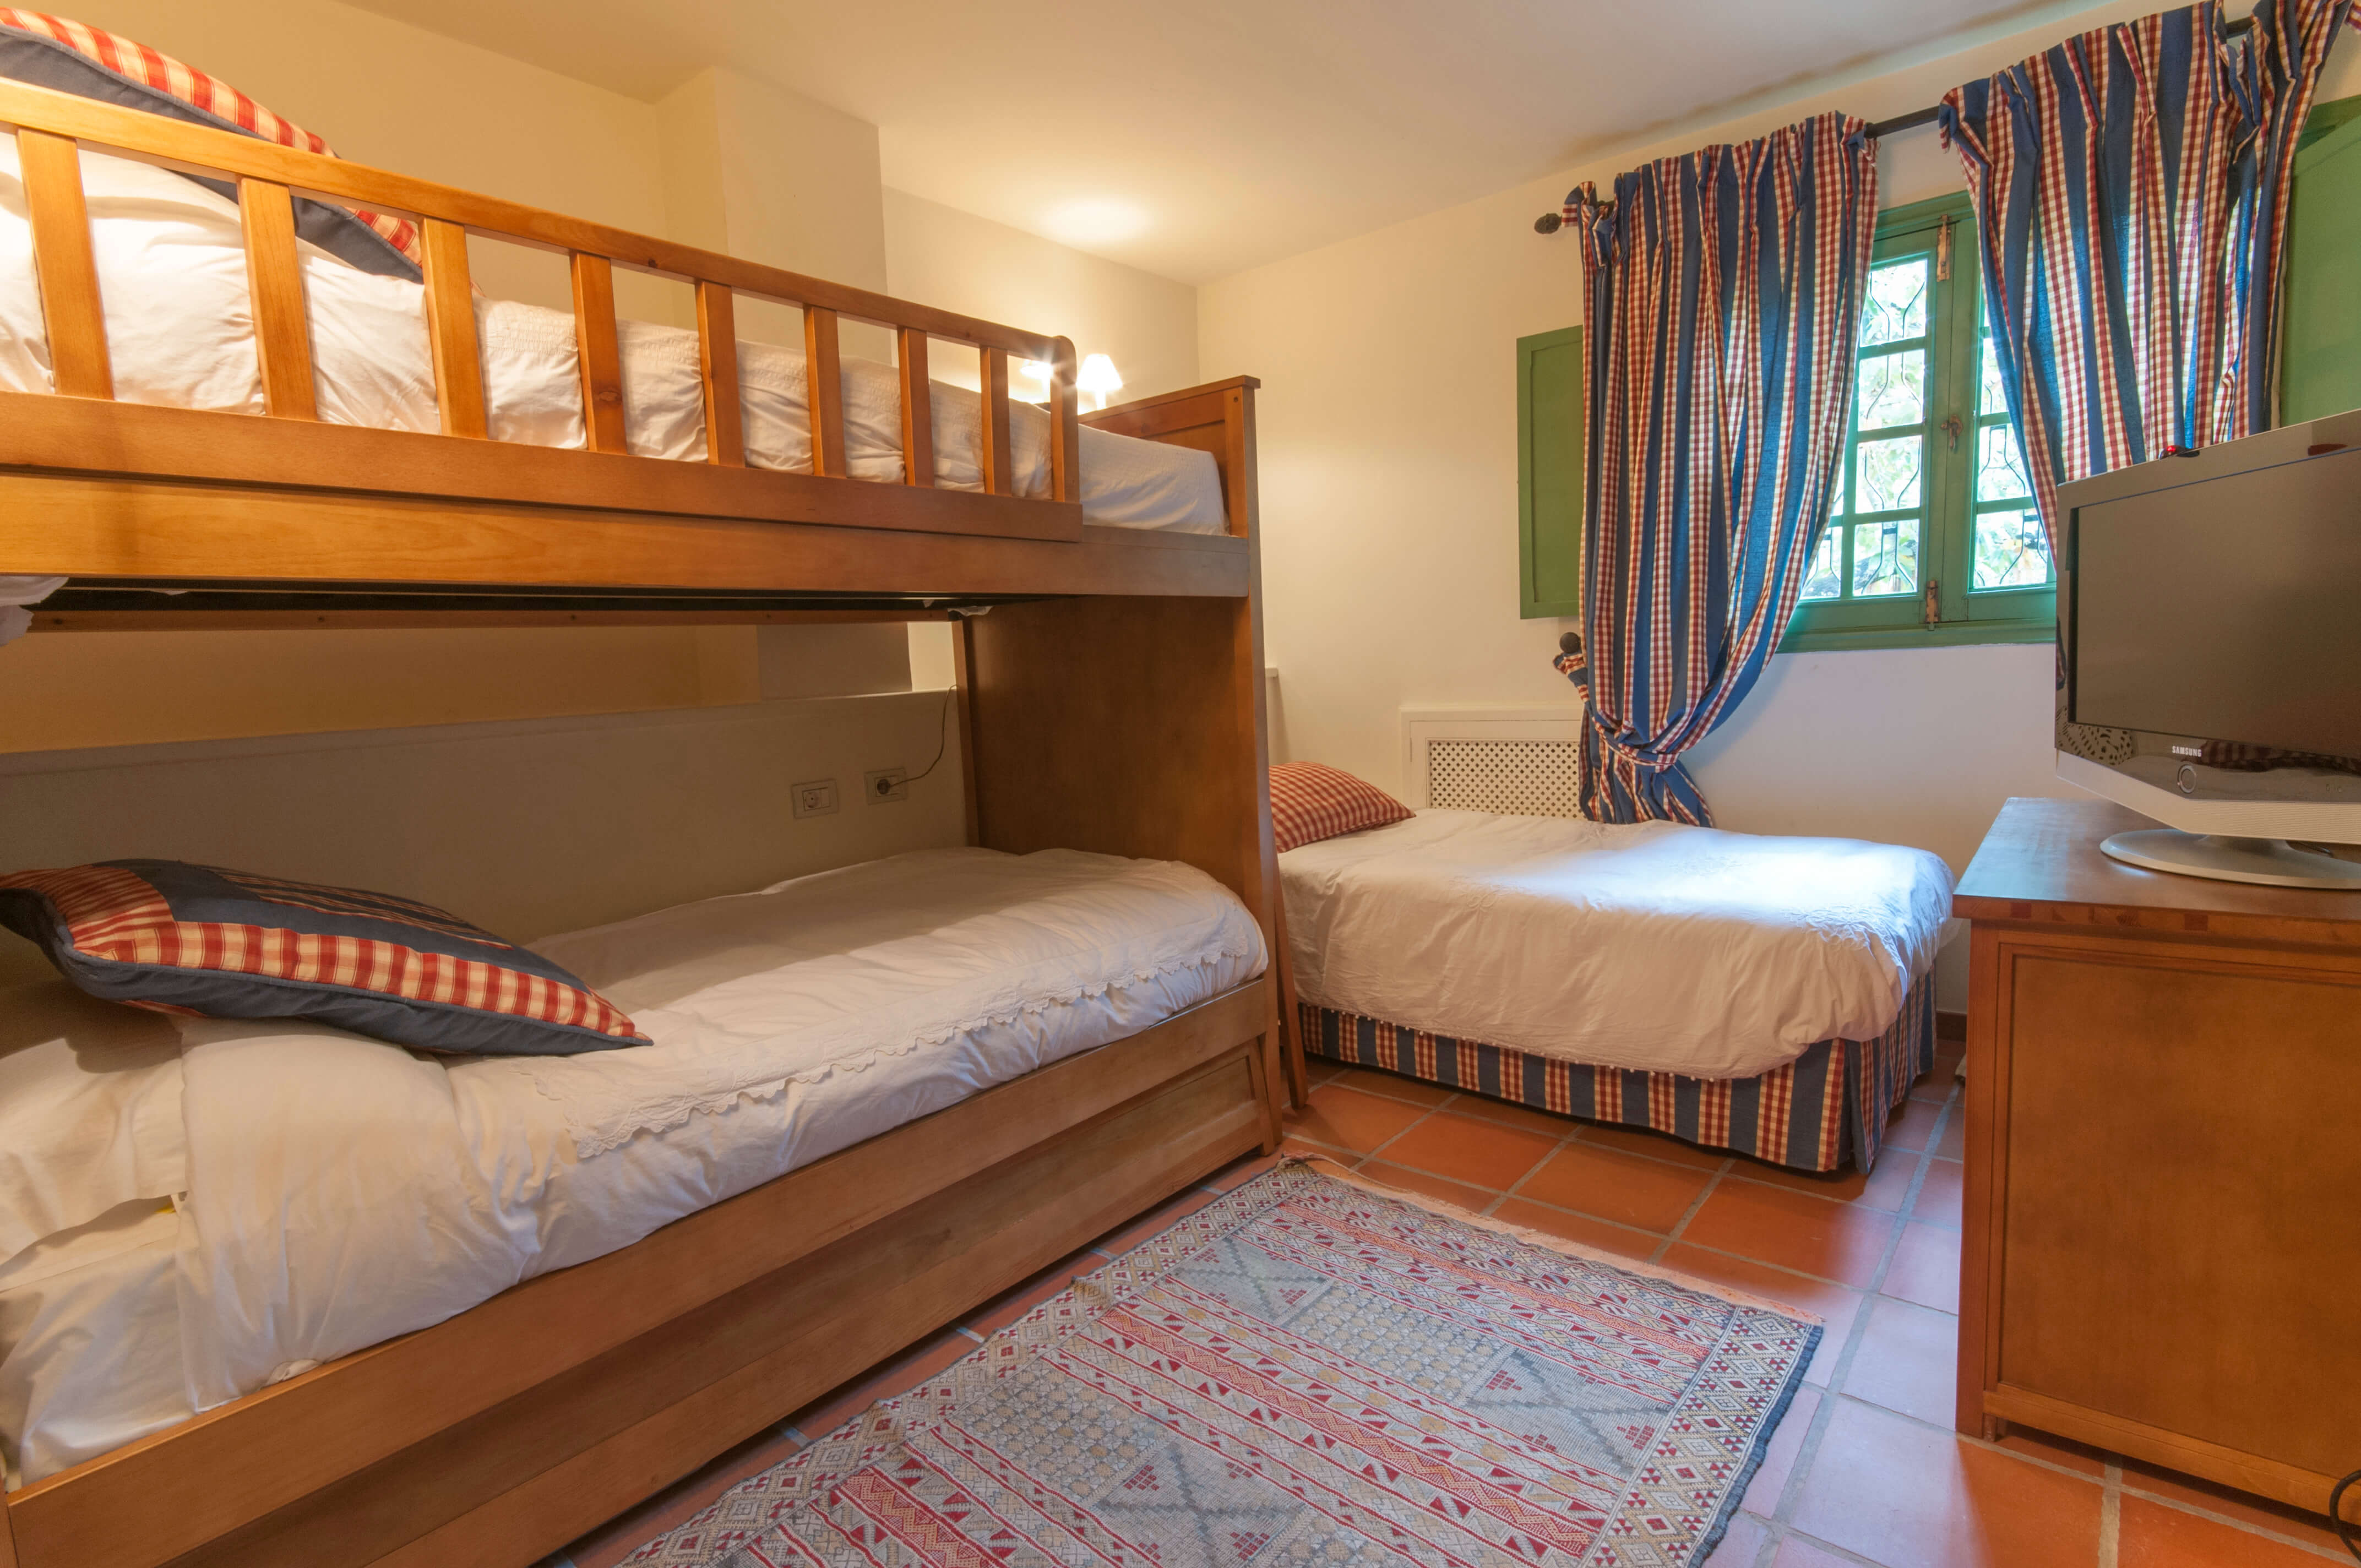 Ferienhaus Großes Ferienhaus in San Mateo (2303726), Vega de San Mateo, Gran Canaria, Kanarische Inseln, Spanien, Bild 12